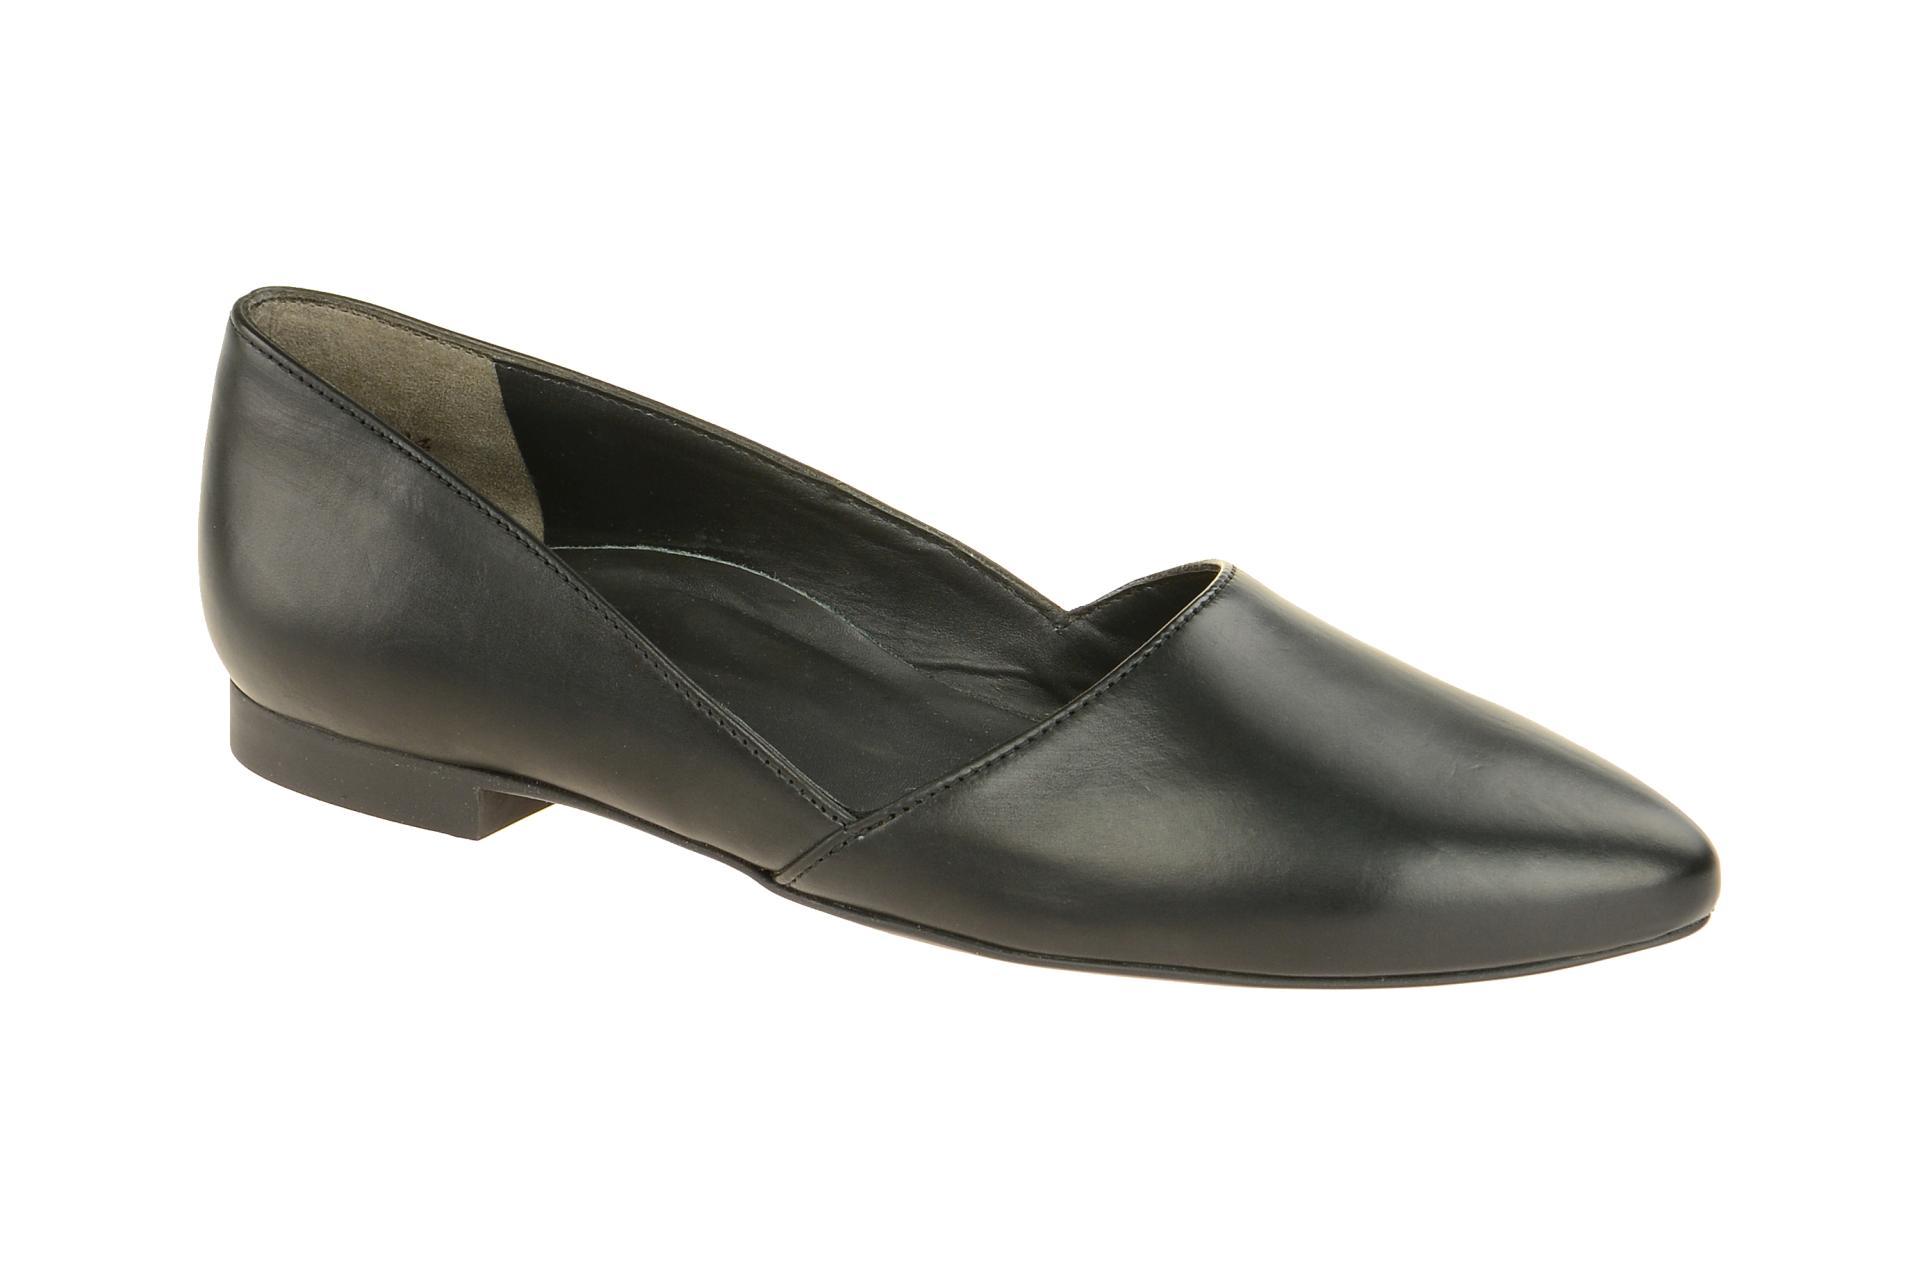 paul green schuhe slipper schwarz 2214 schuhhaus strauch. Black Bedroom Furniture Sets. Home Design Ideas